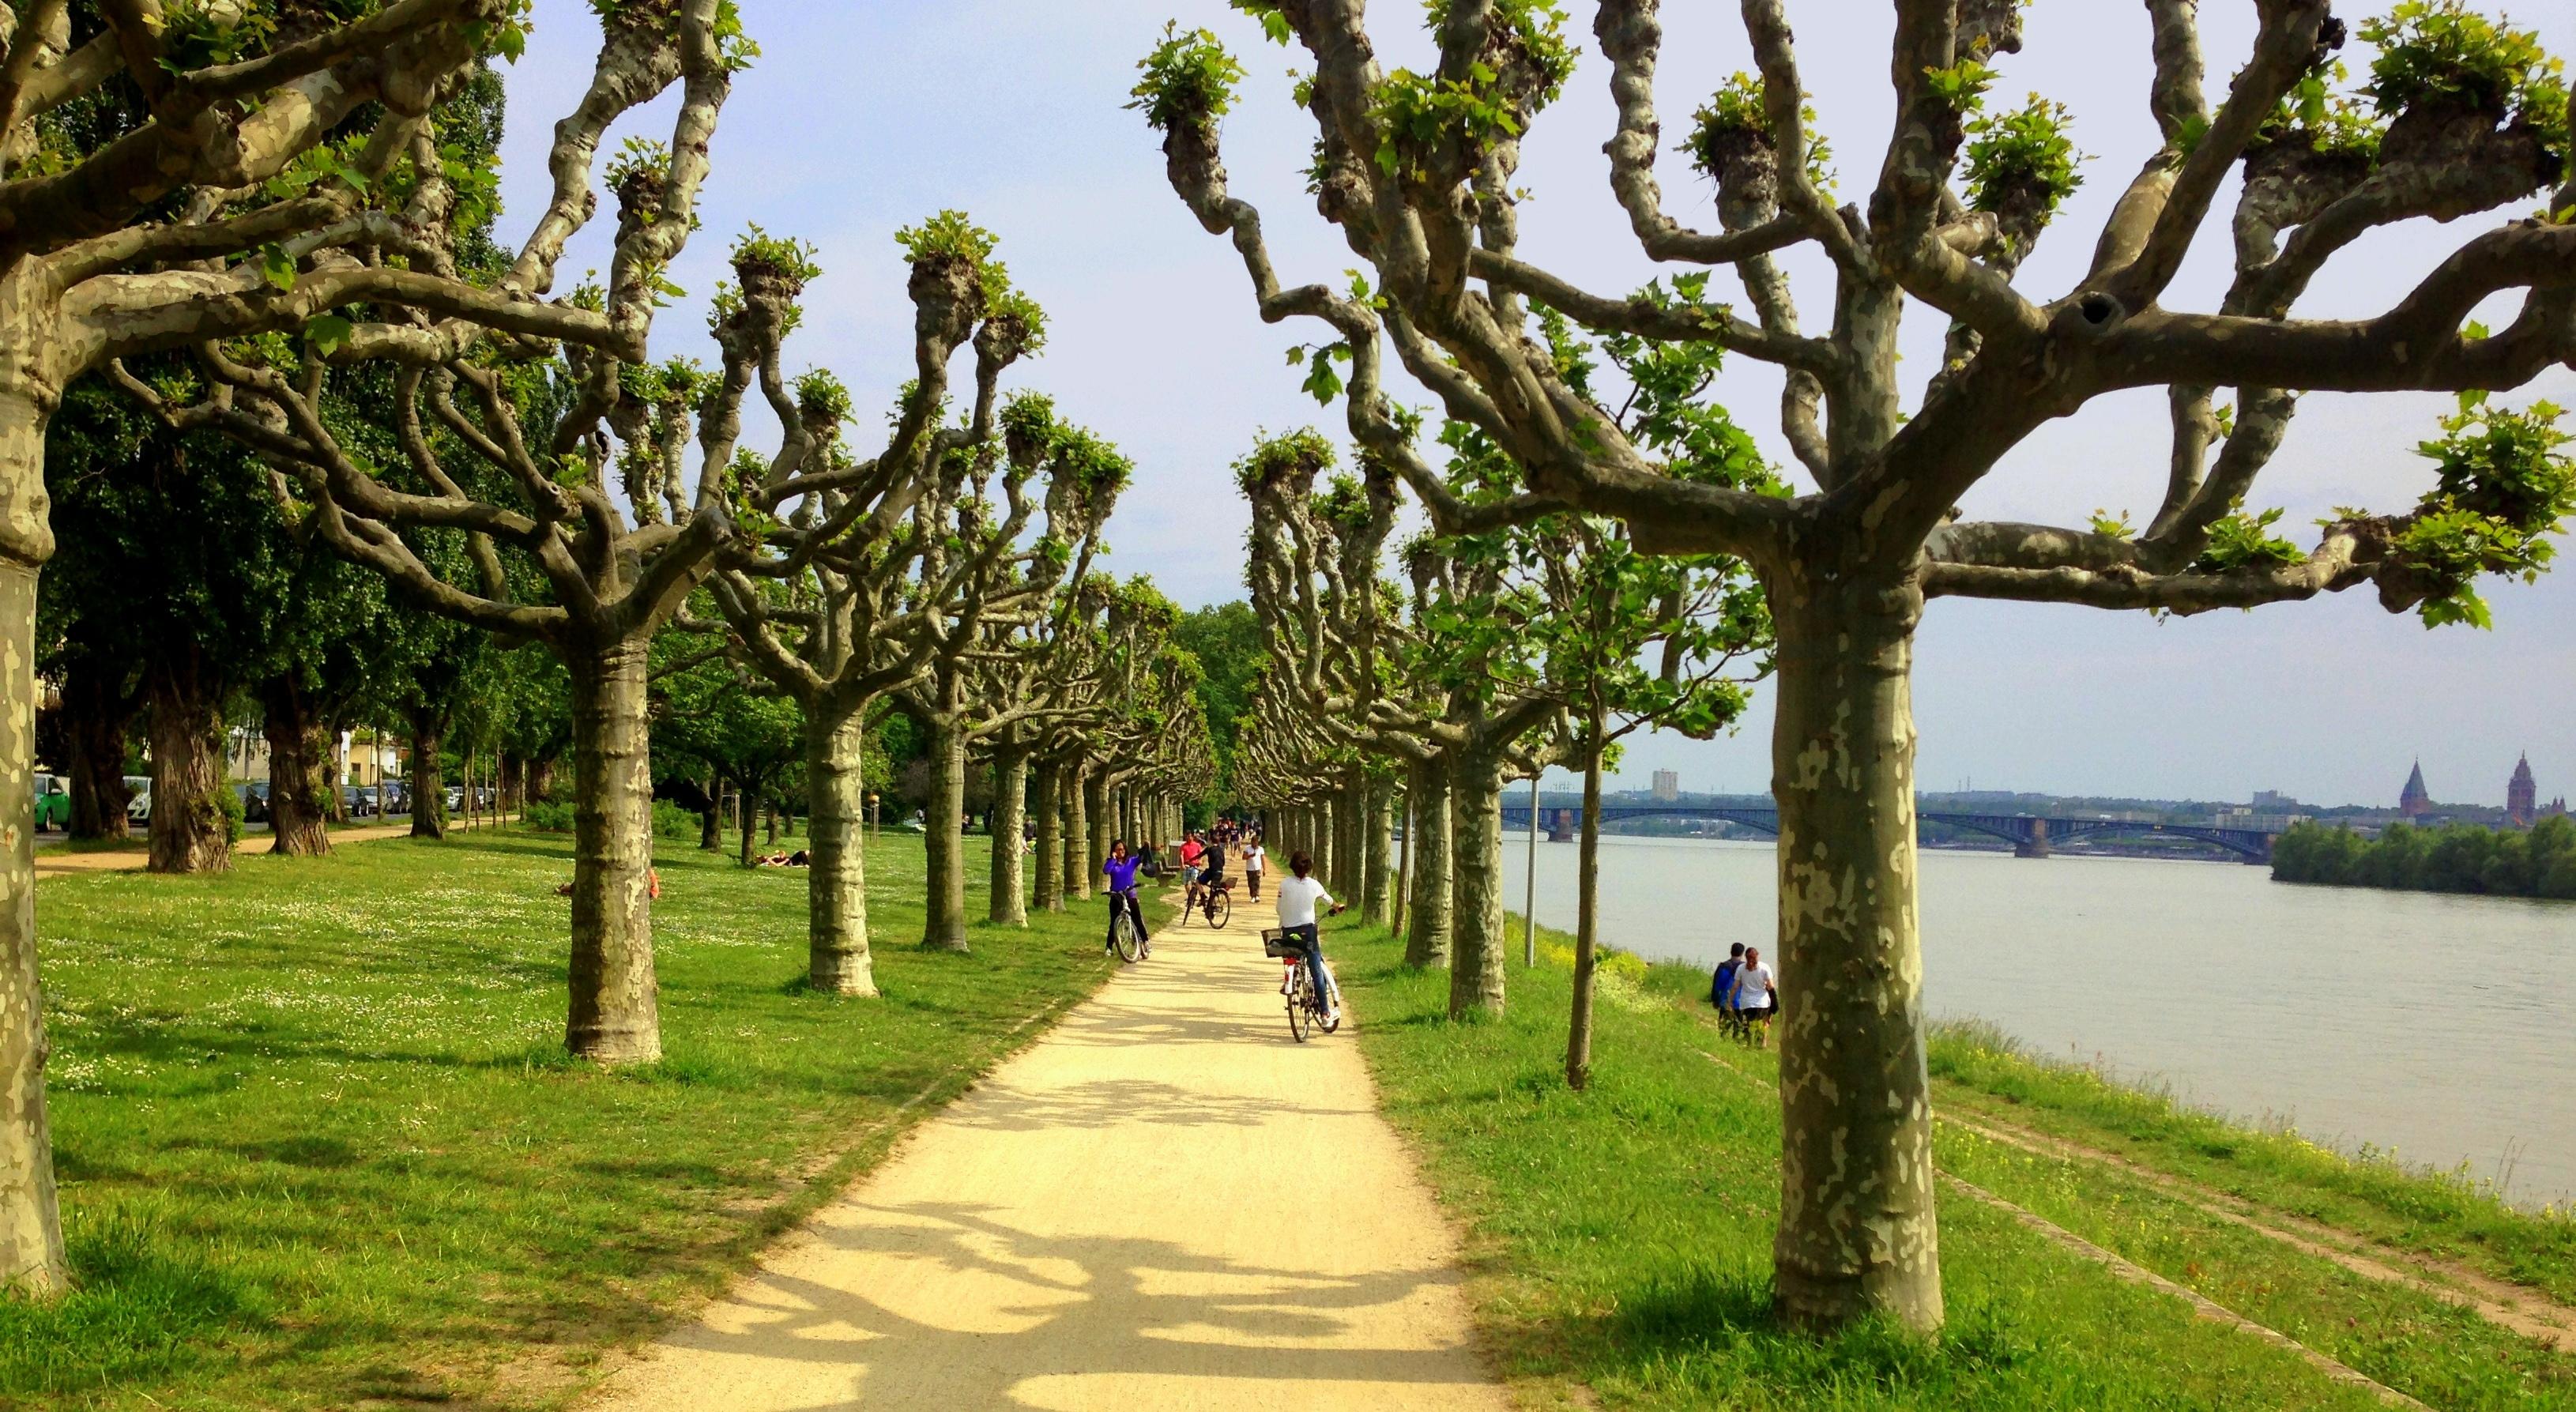 Rhine riverbank near Mainz